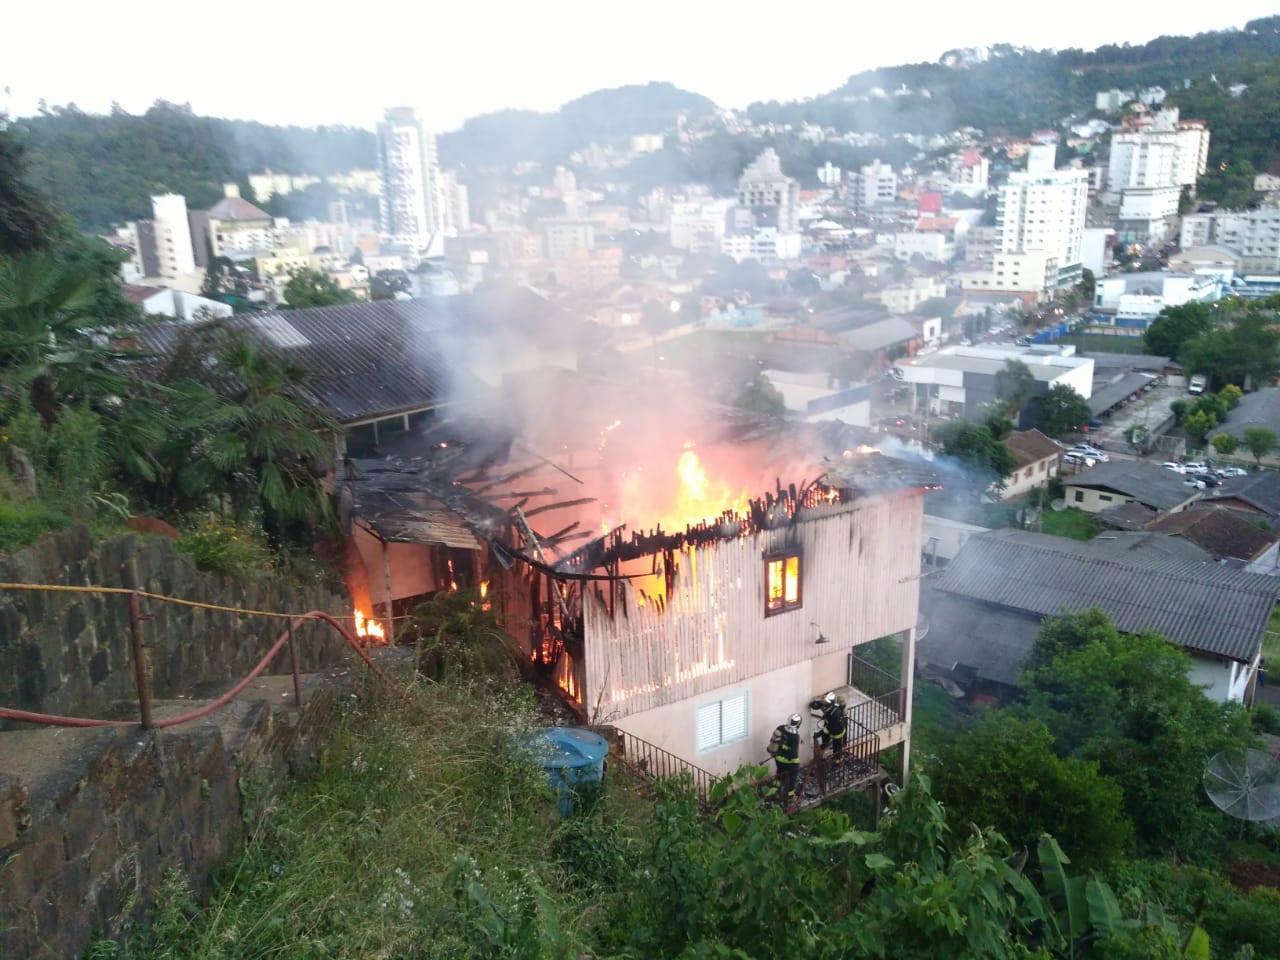 Mulher suspeita de ter ateado fogo na própria residência permanecerá presa